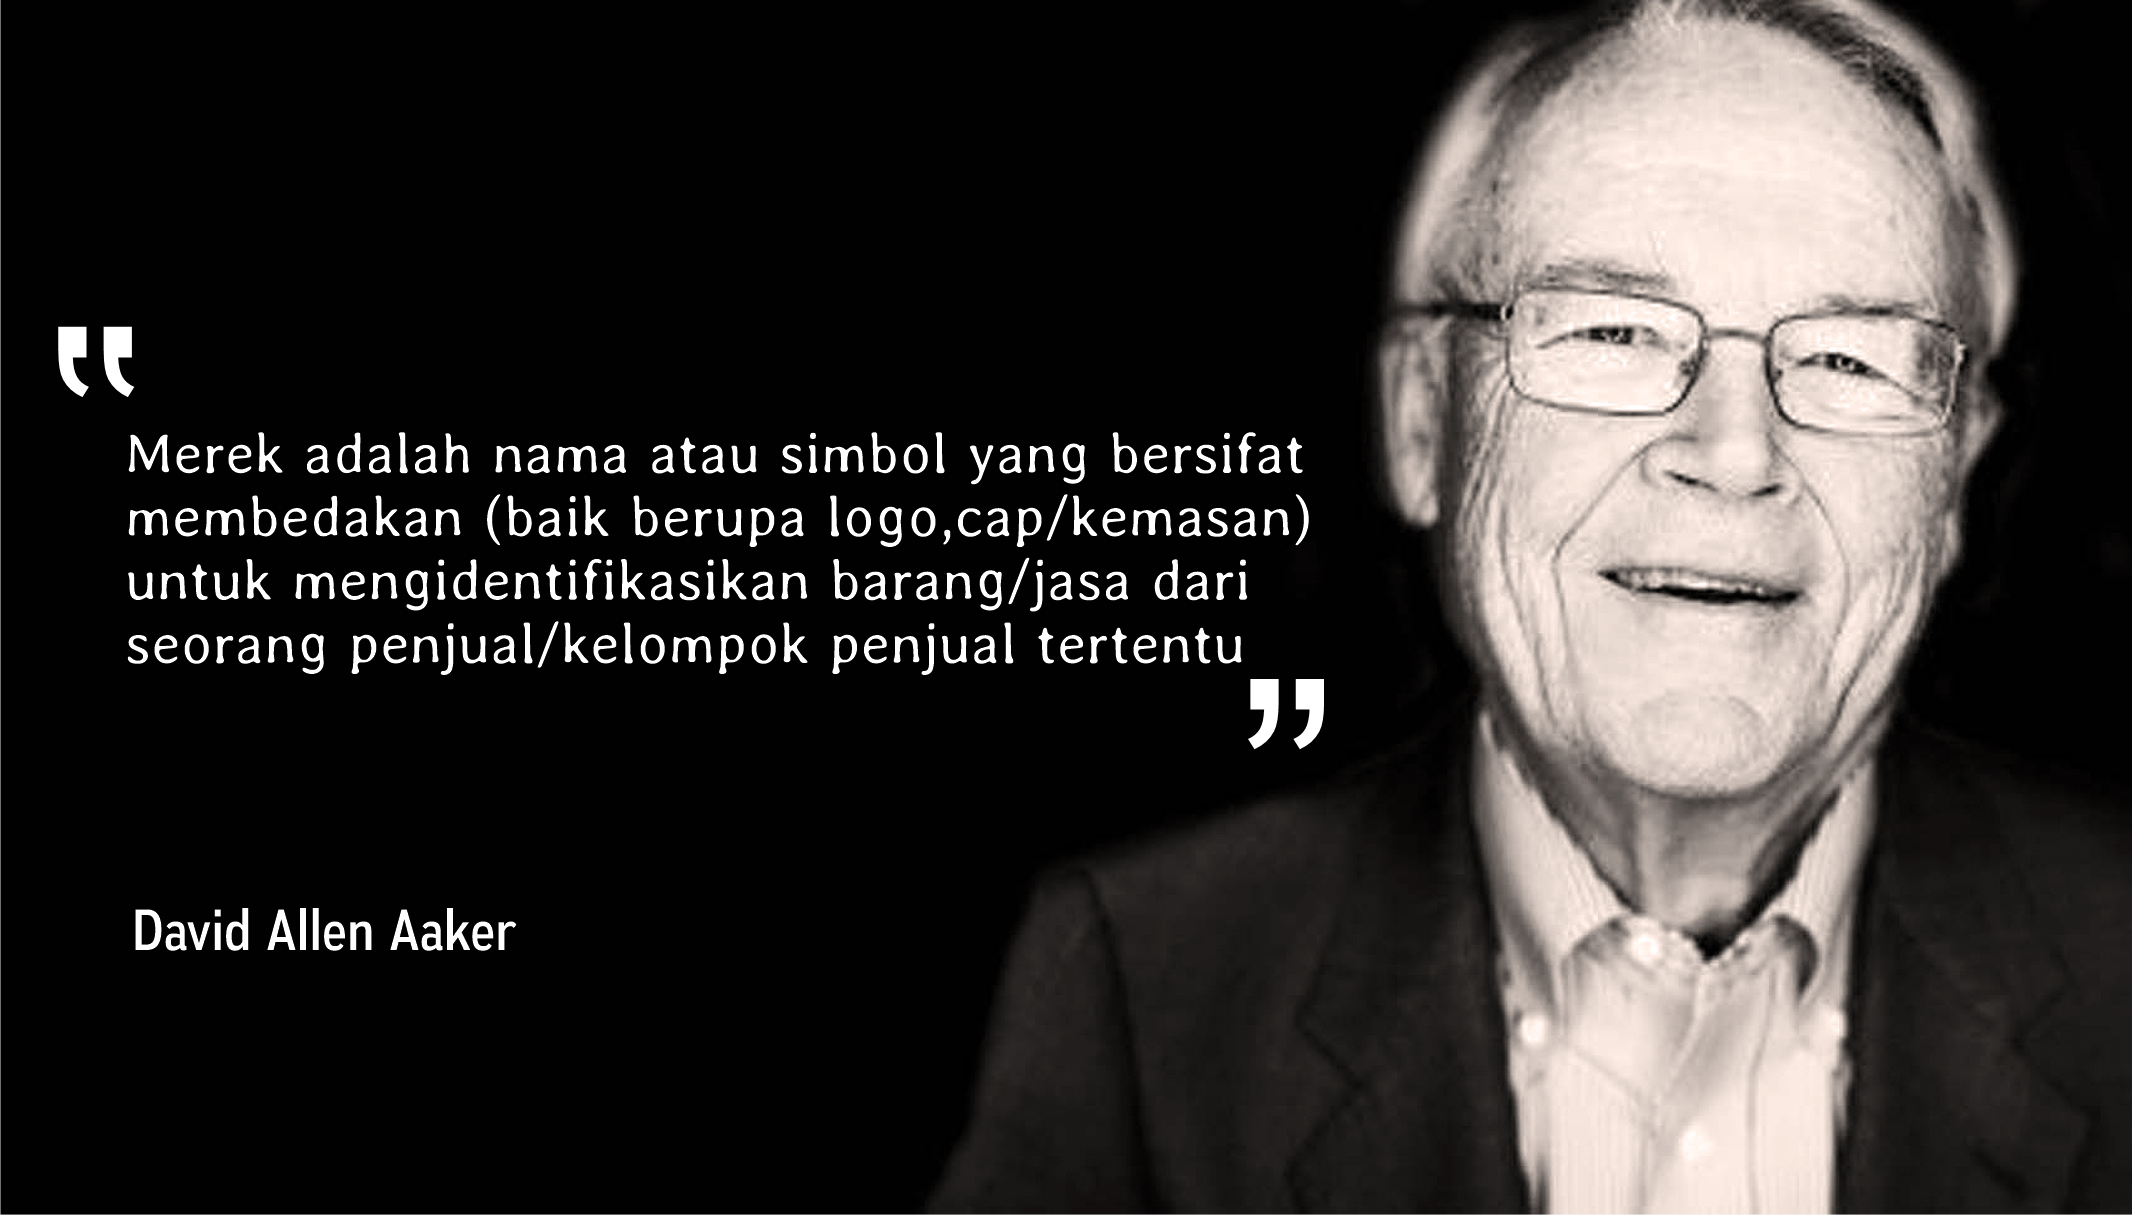 David-Allen-Aaker